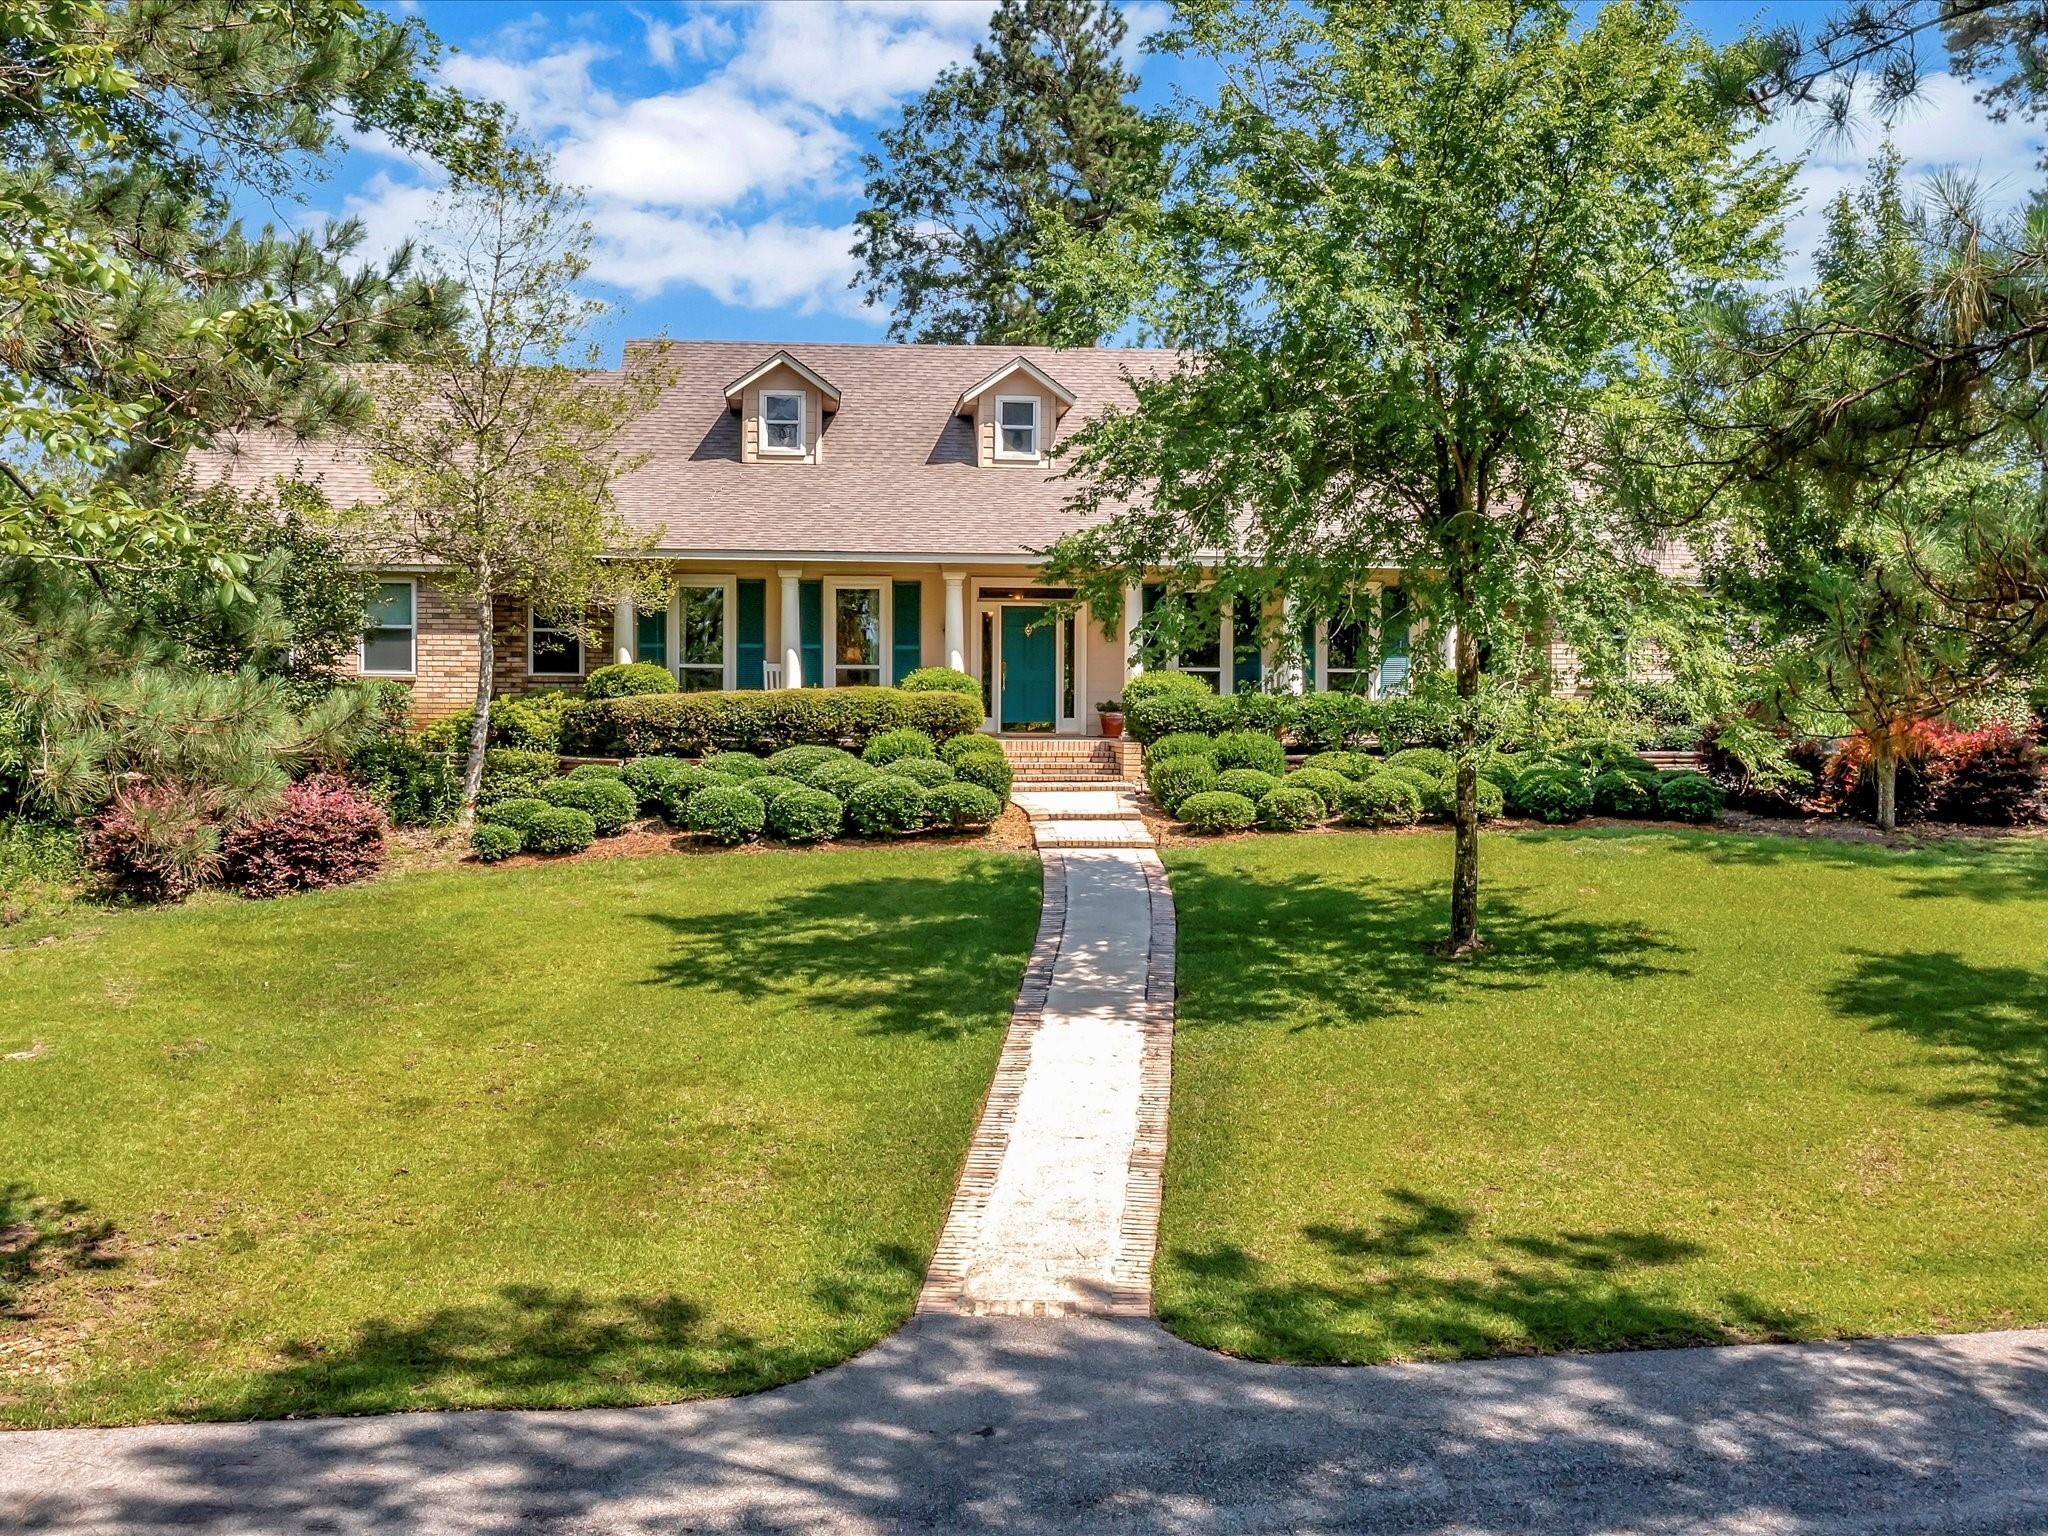 8008 Rec Road 255 Property Photo